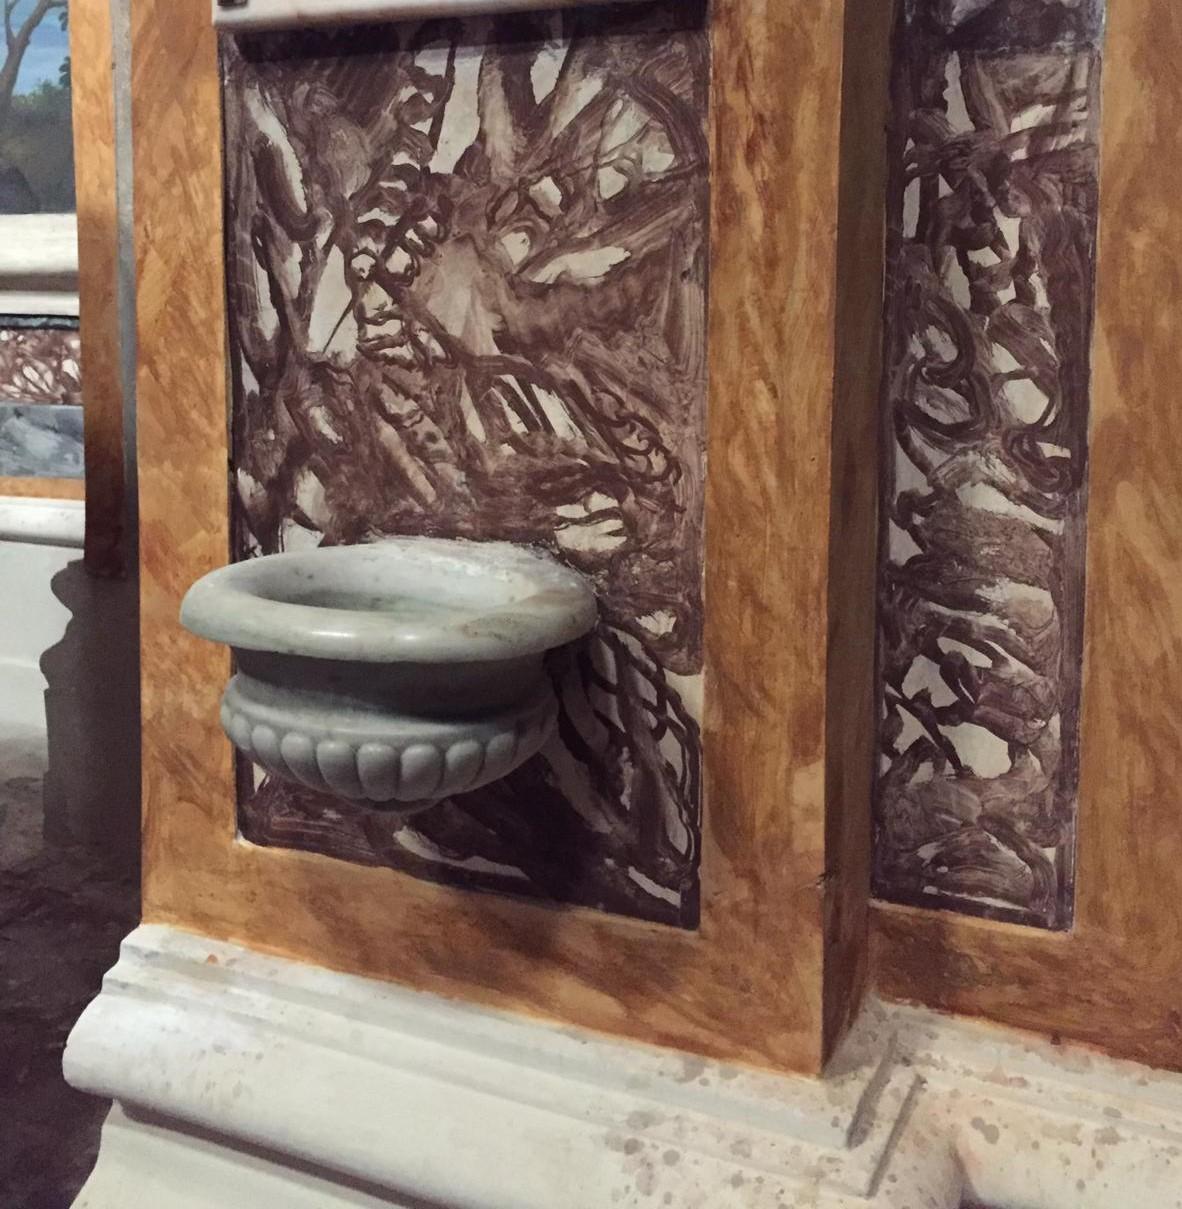 basamento in finto marmo Chiesa di San Giovanni Sanfre' (cn) (1)